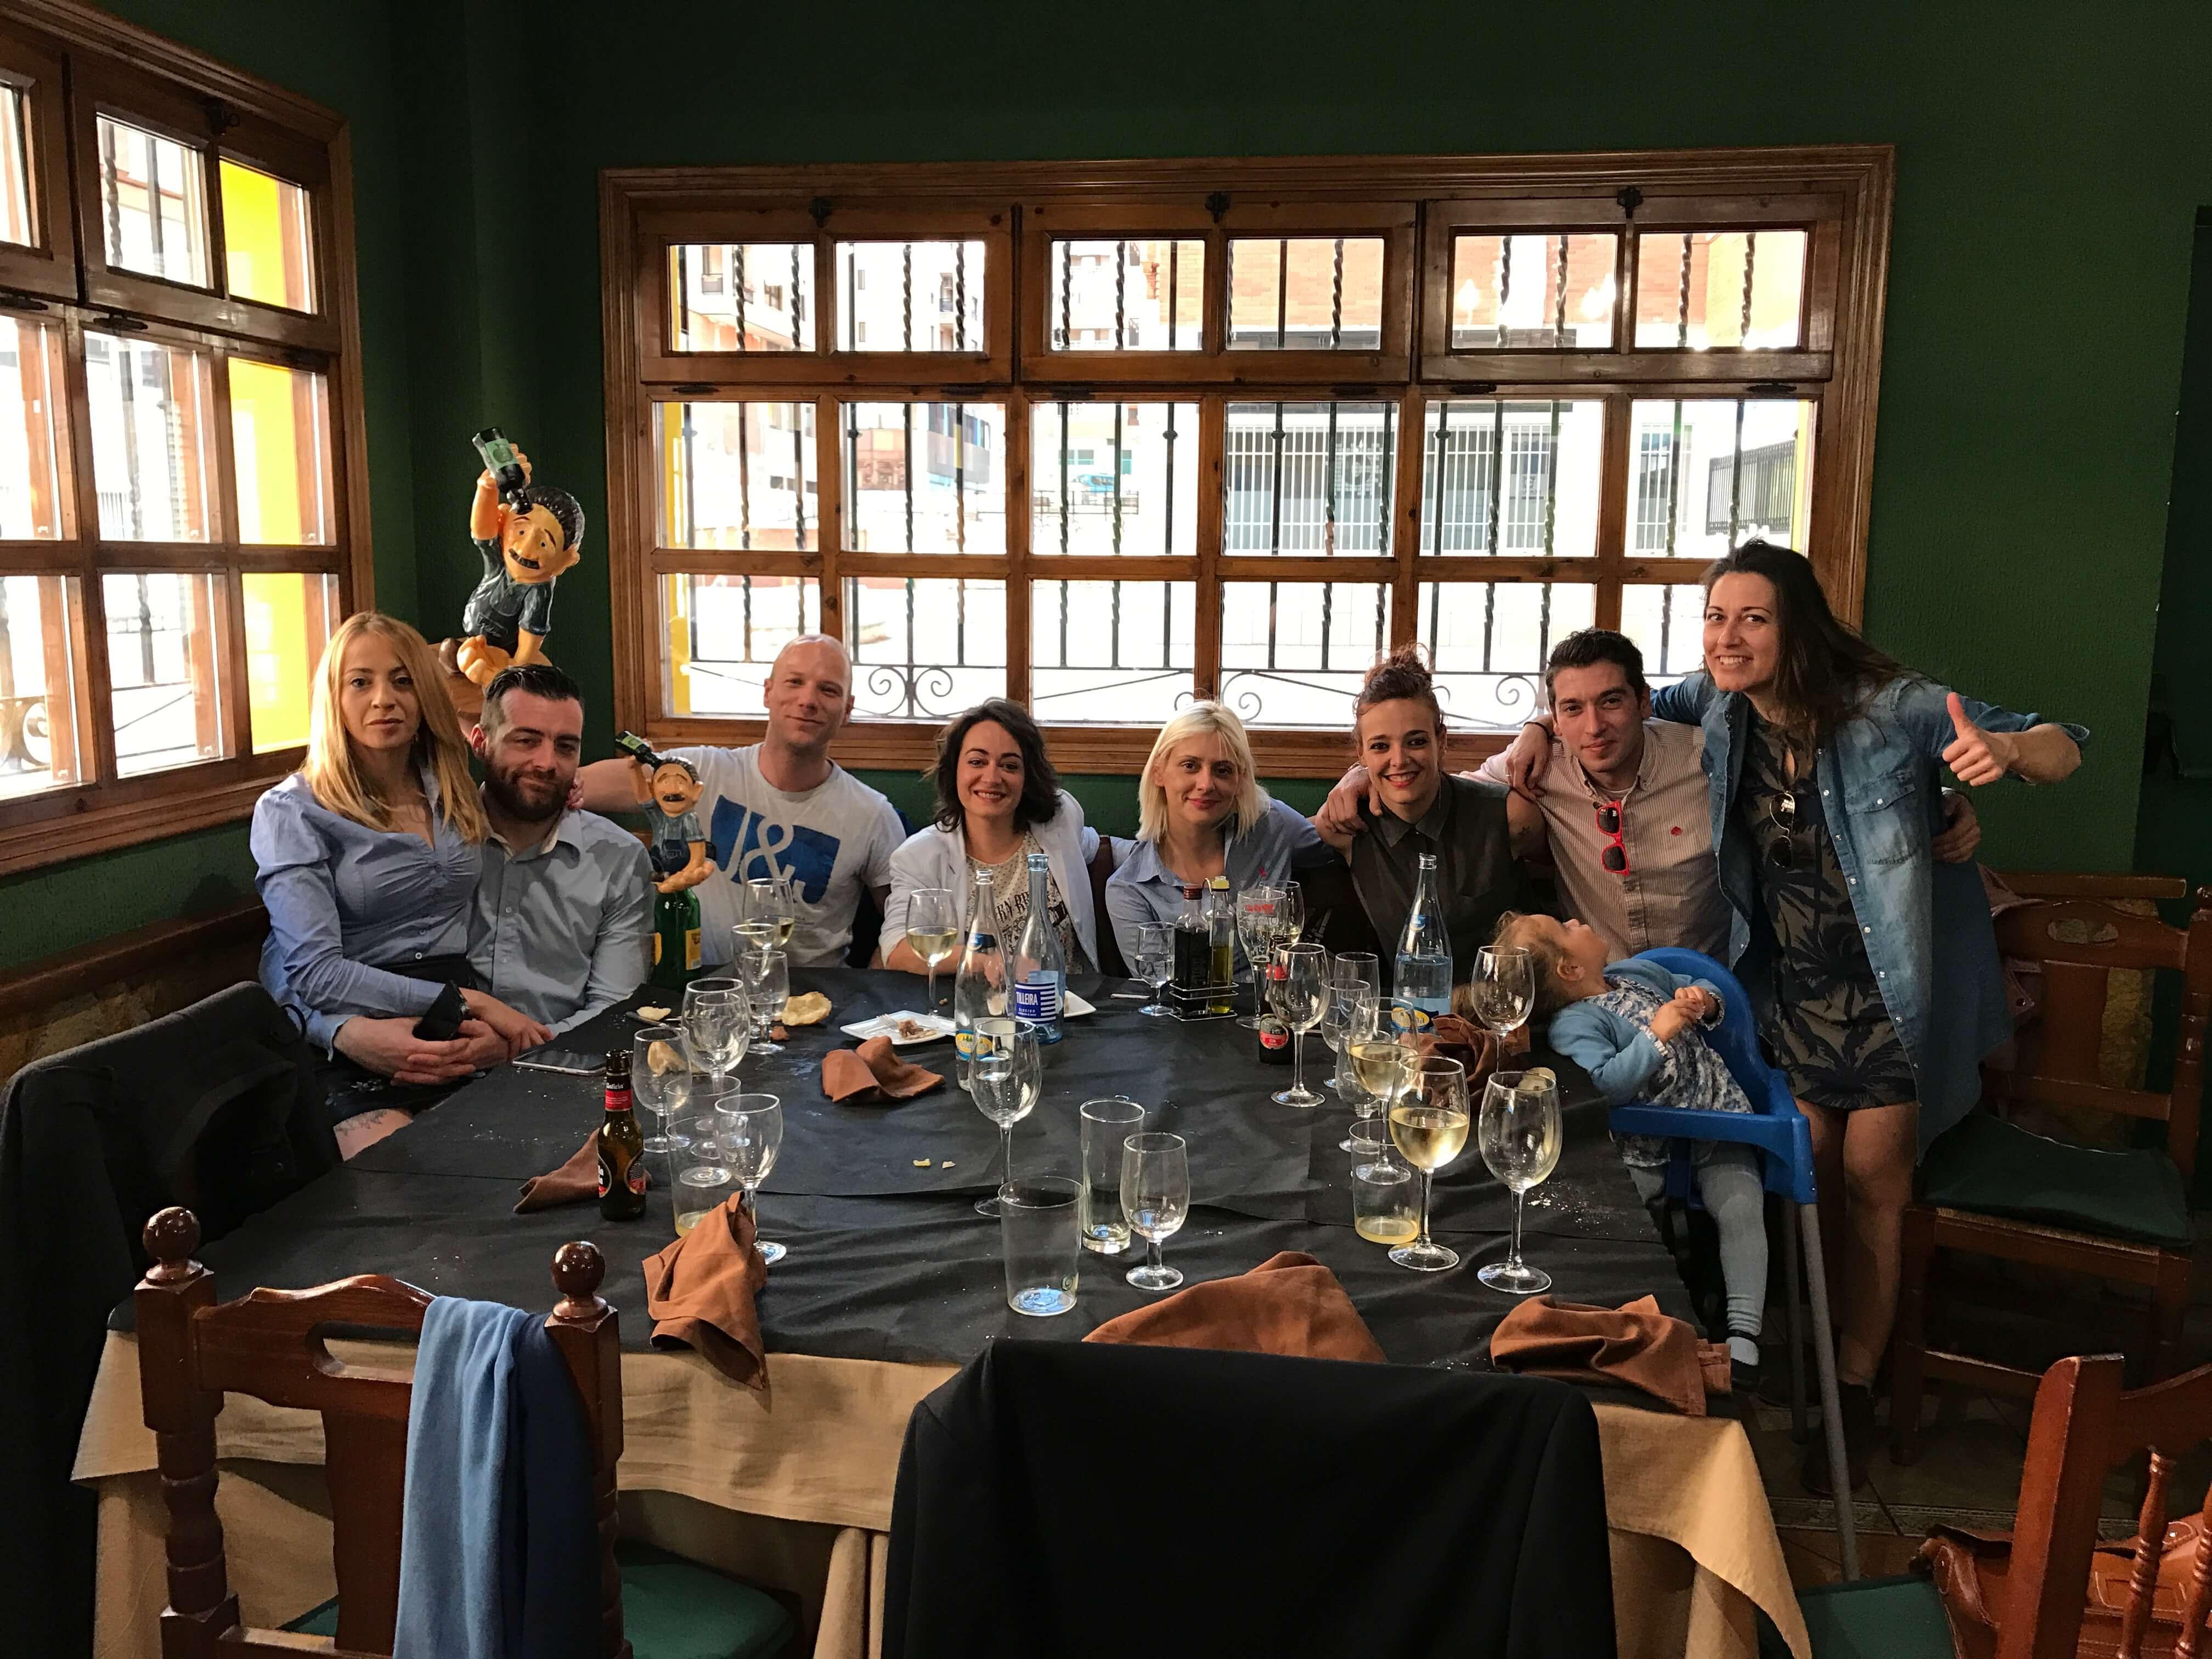 cocidoday team cuenca 2017